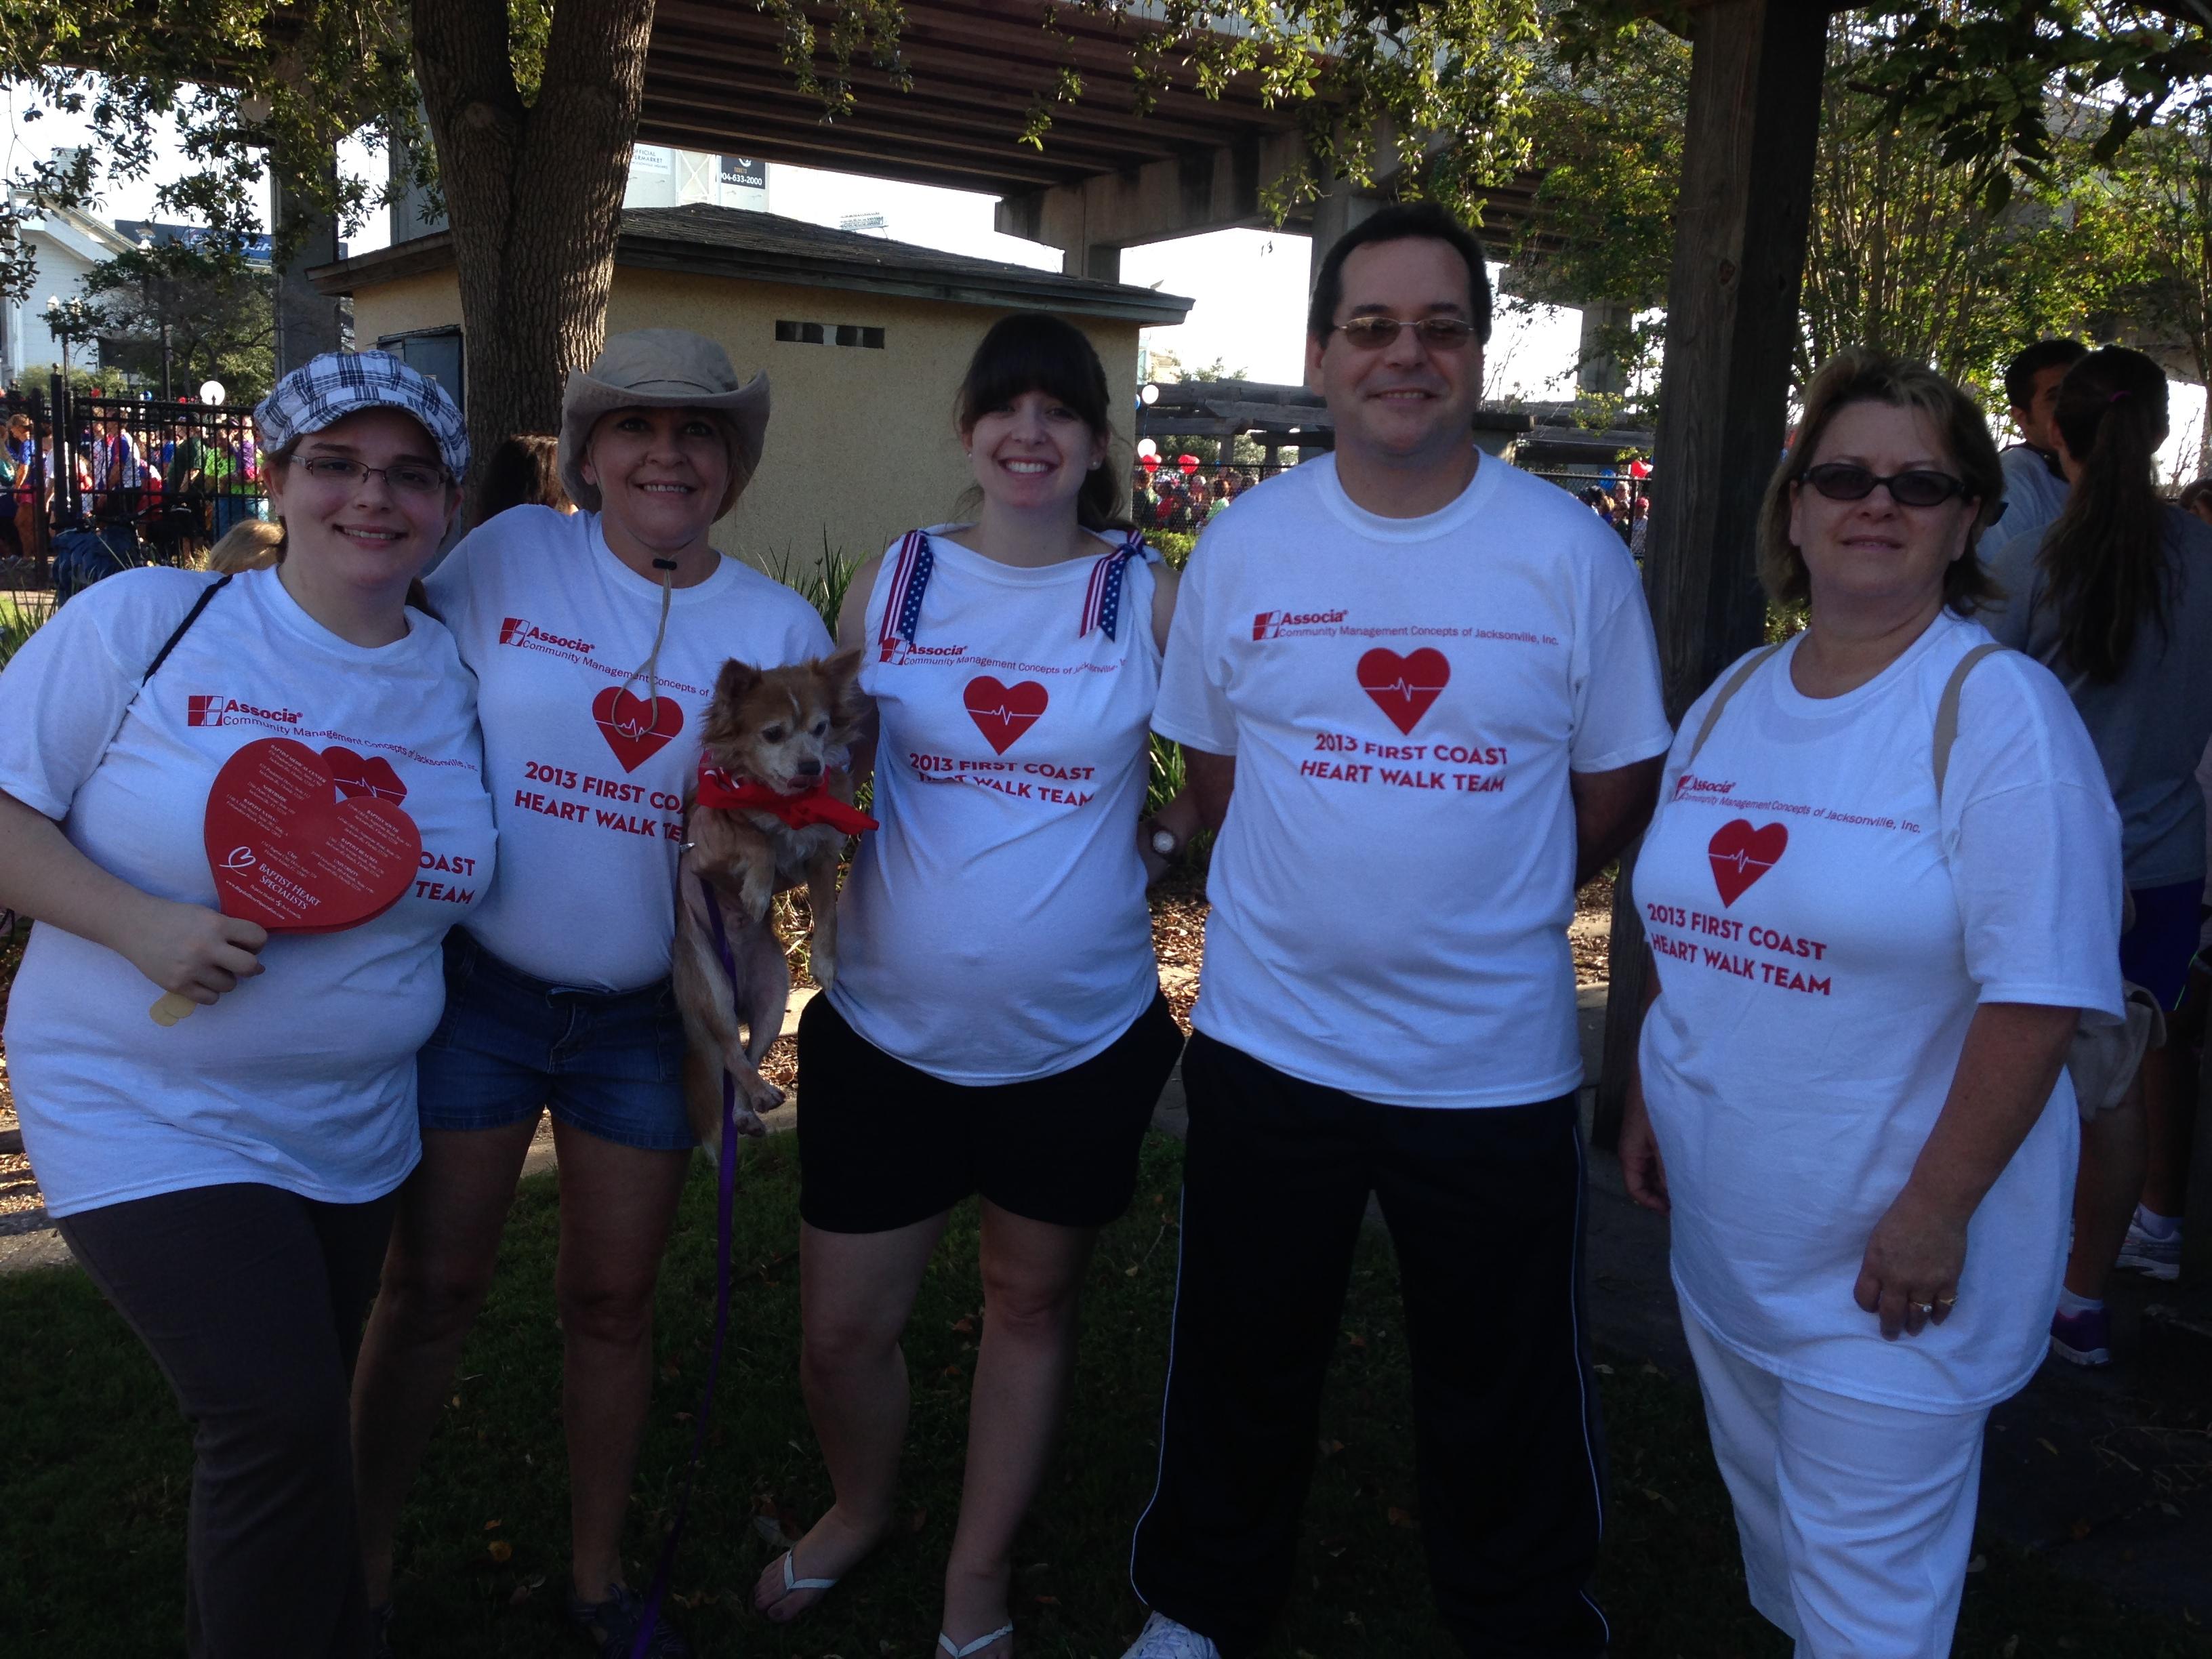 Shirt design jacksonville fl - 2013 First Coast Heart Walk Cmc Of Jacksonville Team T Shirt Photo